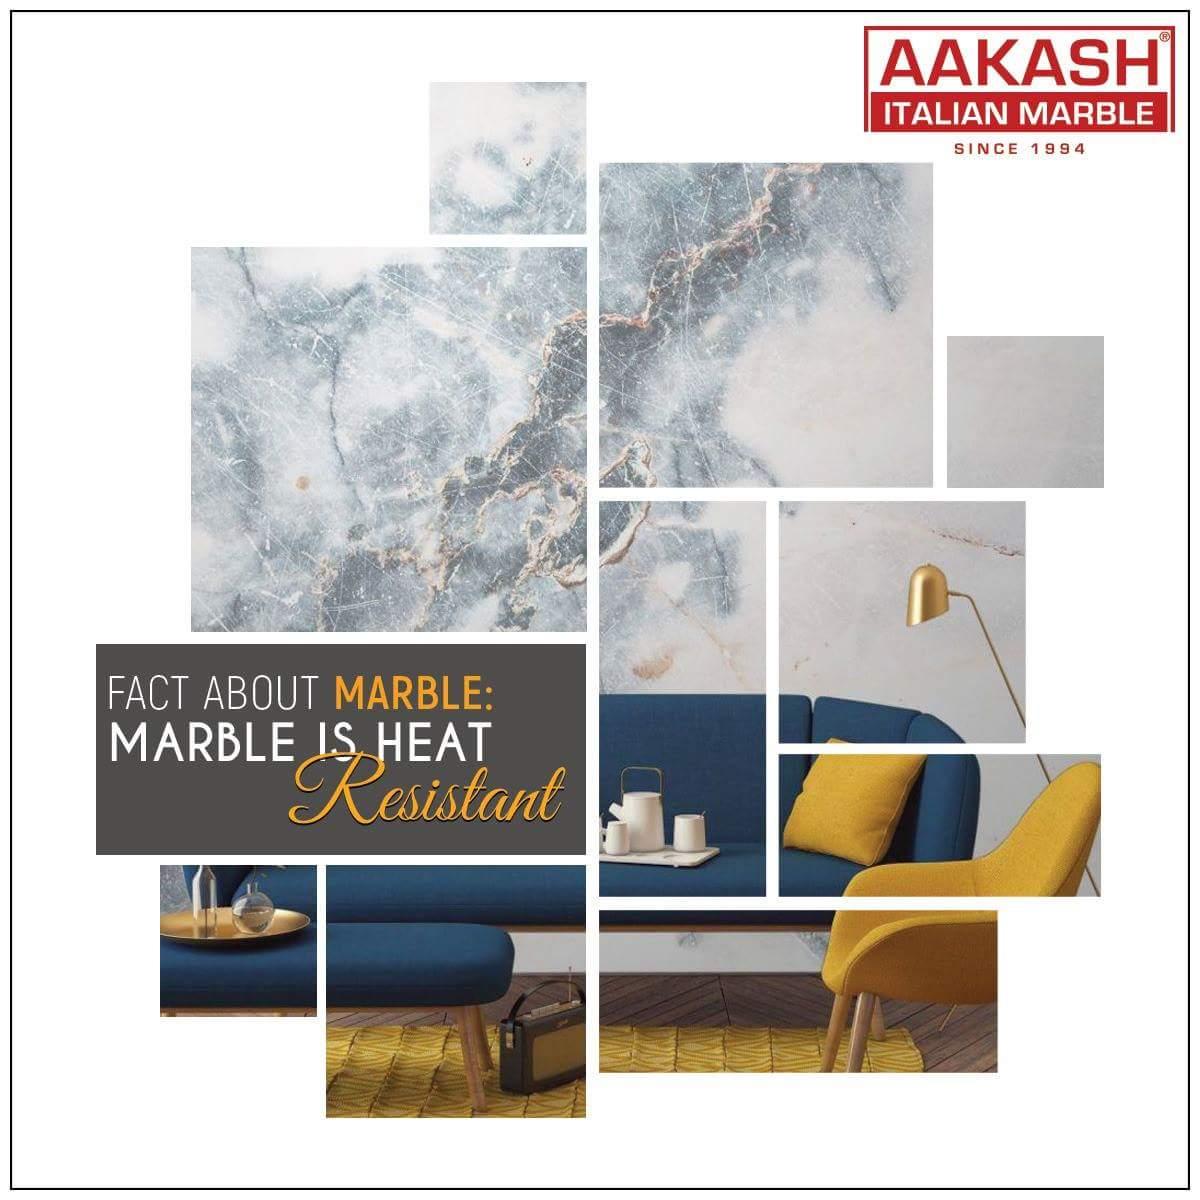 Aakash Italian Marble on Twitter: